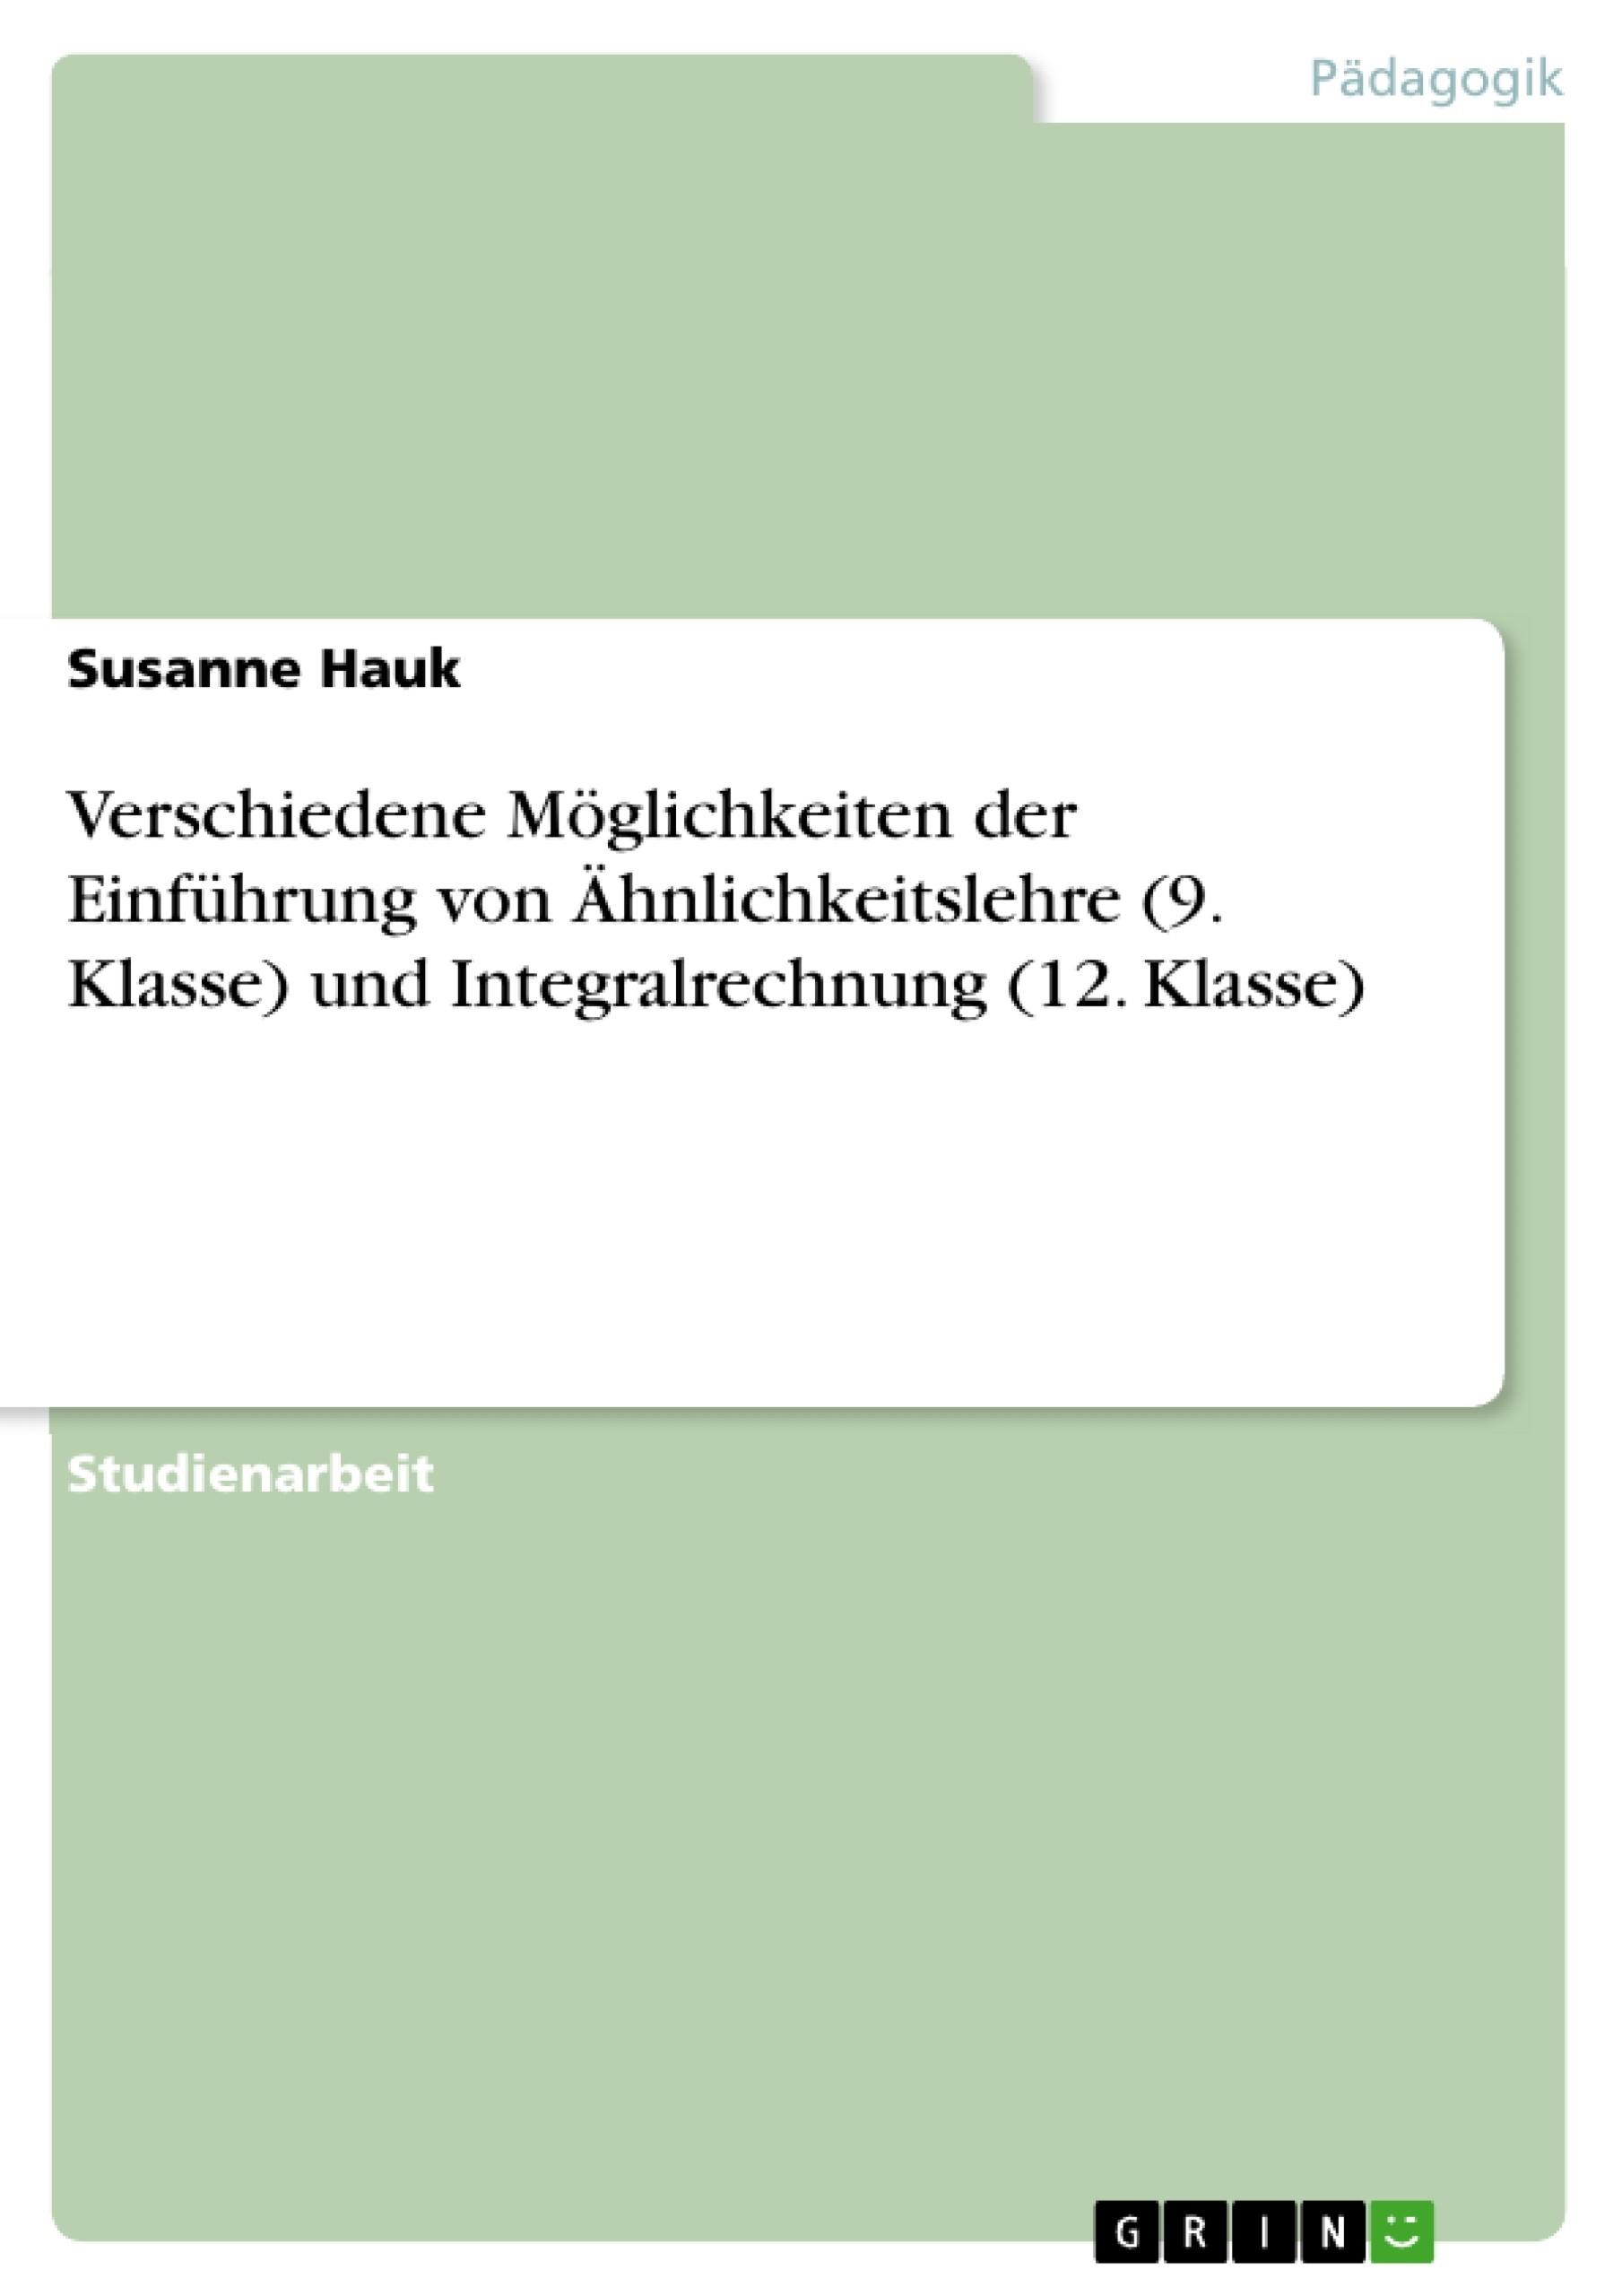 Titel: Verschiedene Möglichkeiten der Einführung von Ähnlichkeitslehre (9. Klasse) und Integralrechnung (12. Klasse)